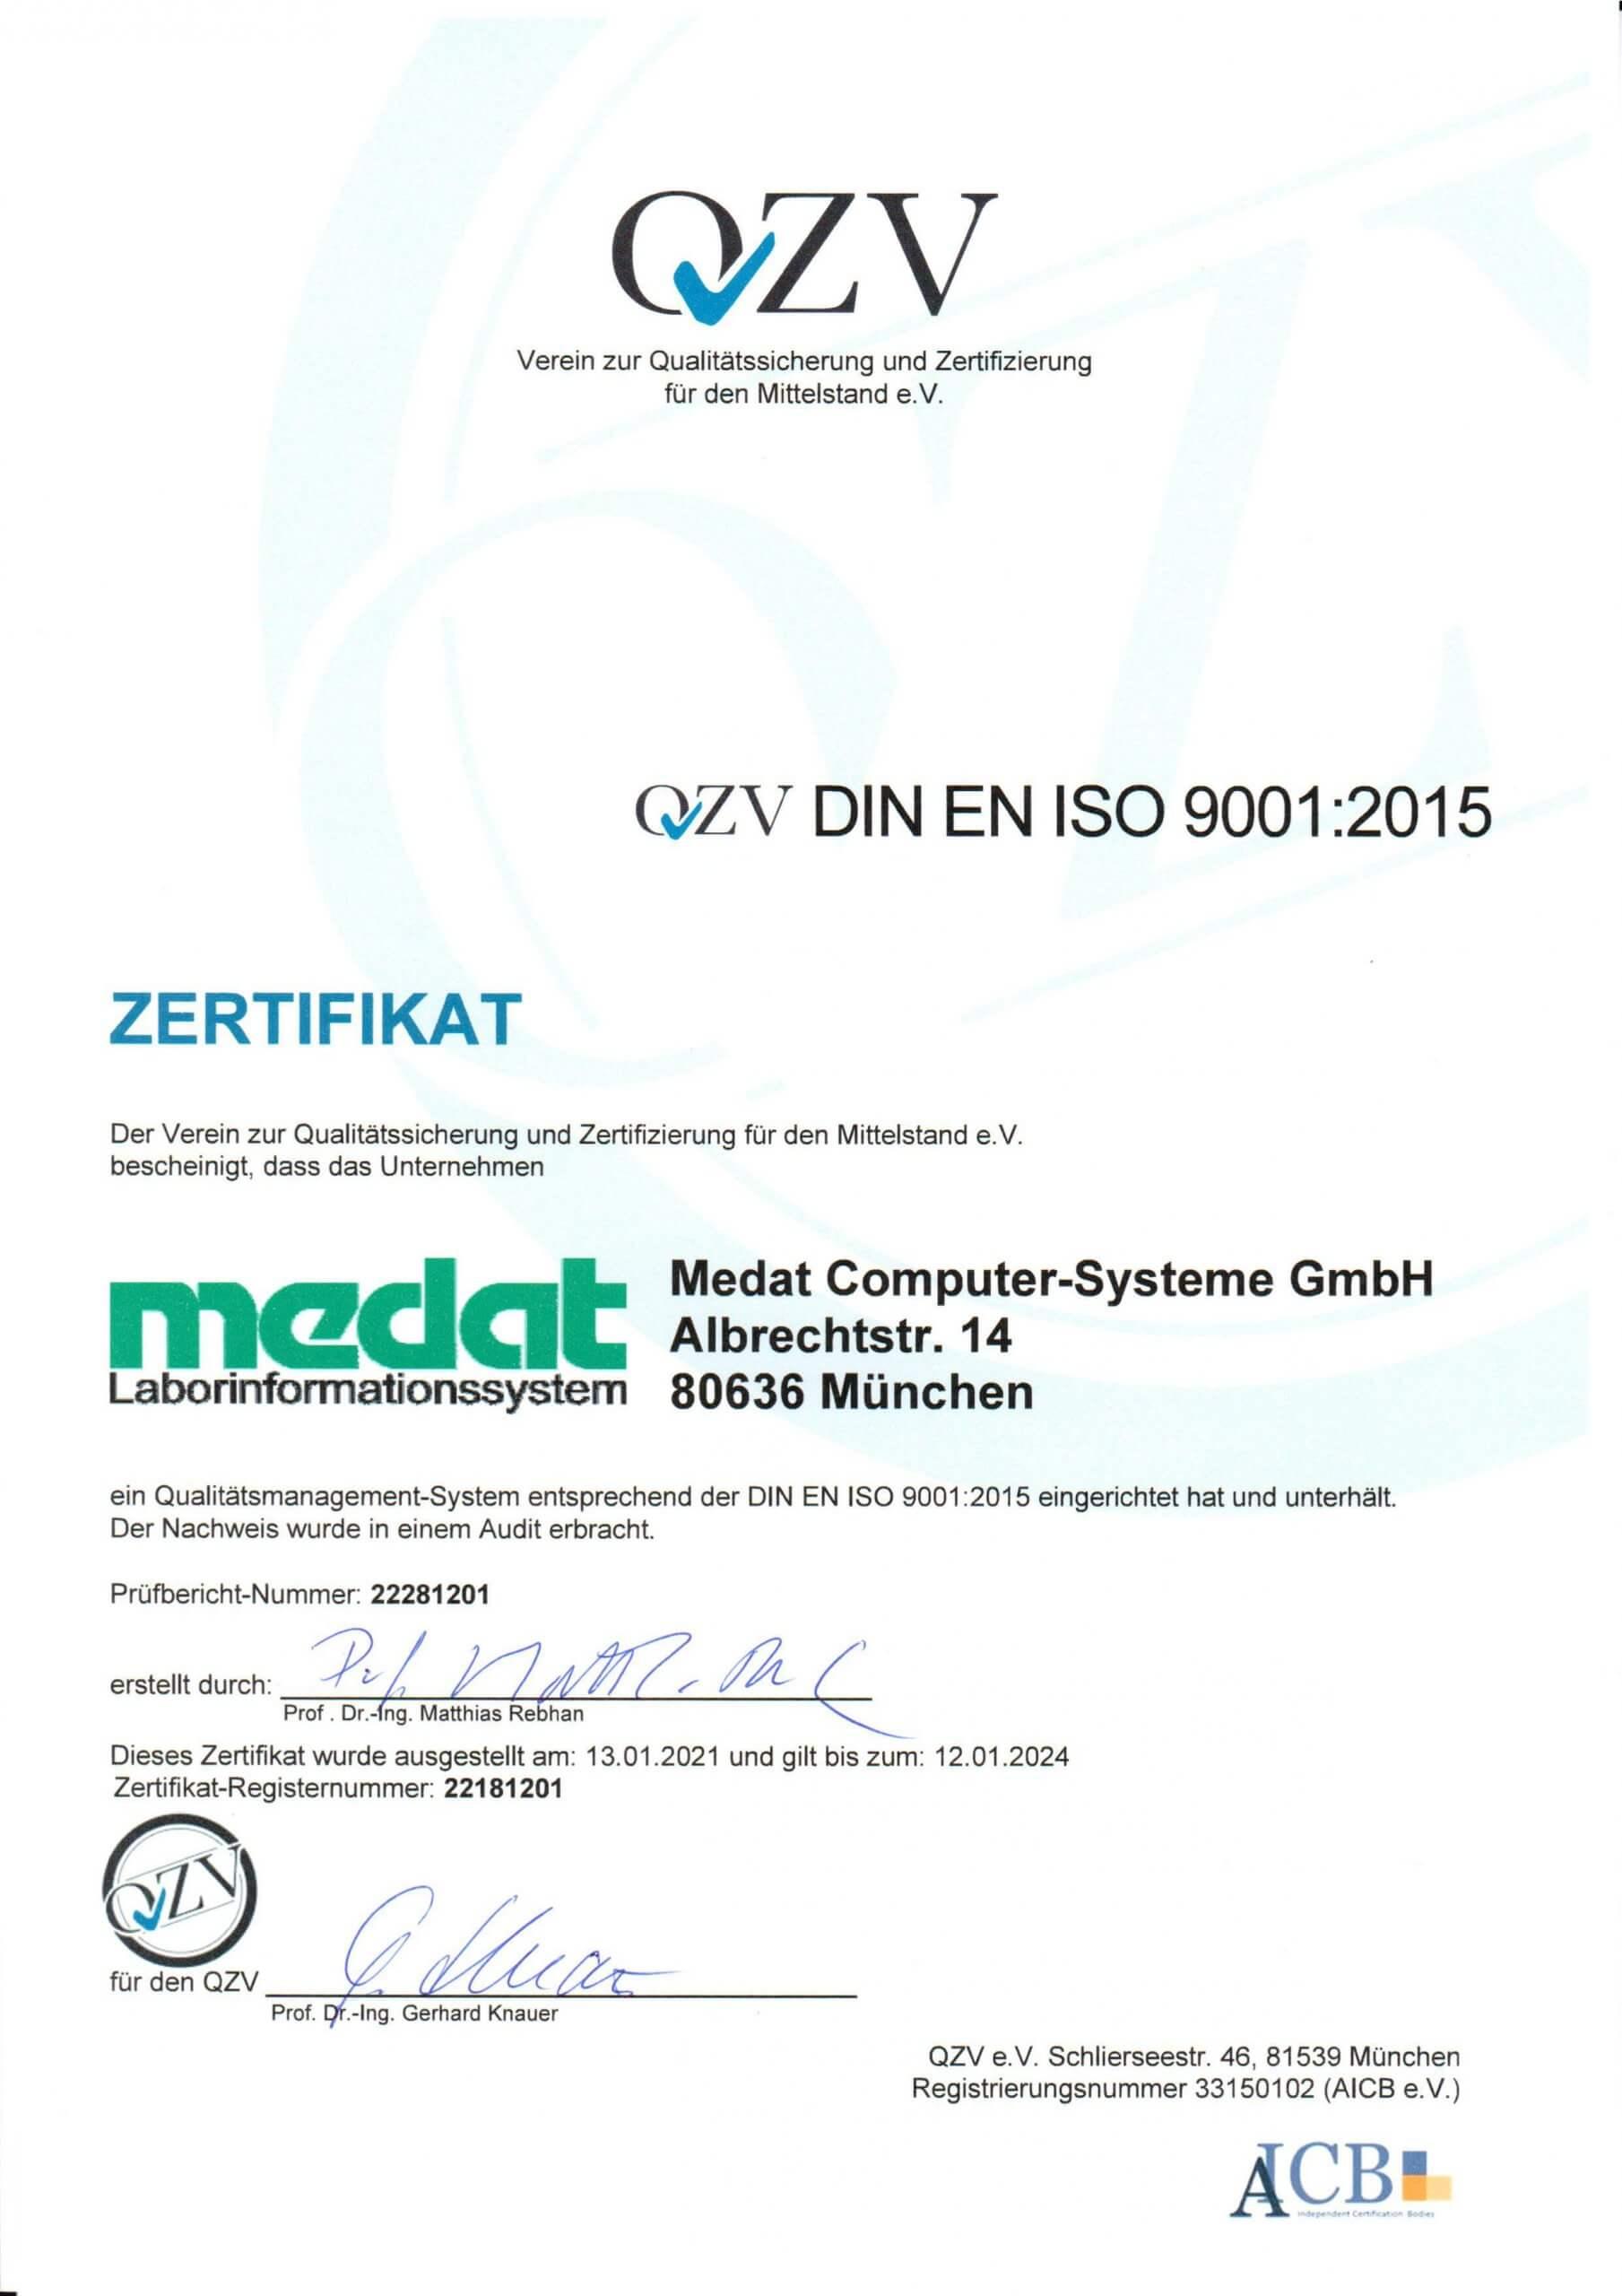 Medat Laborinformationssystem Zertifikat der DIN EN ISO 9001:2015 auf deutsch